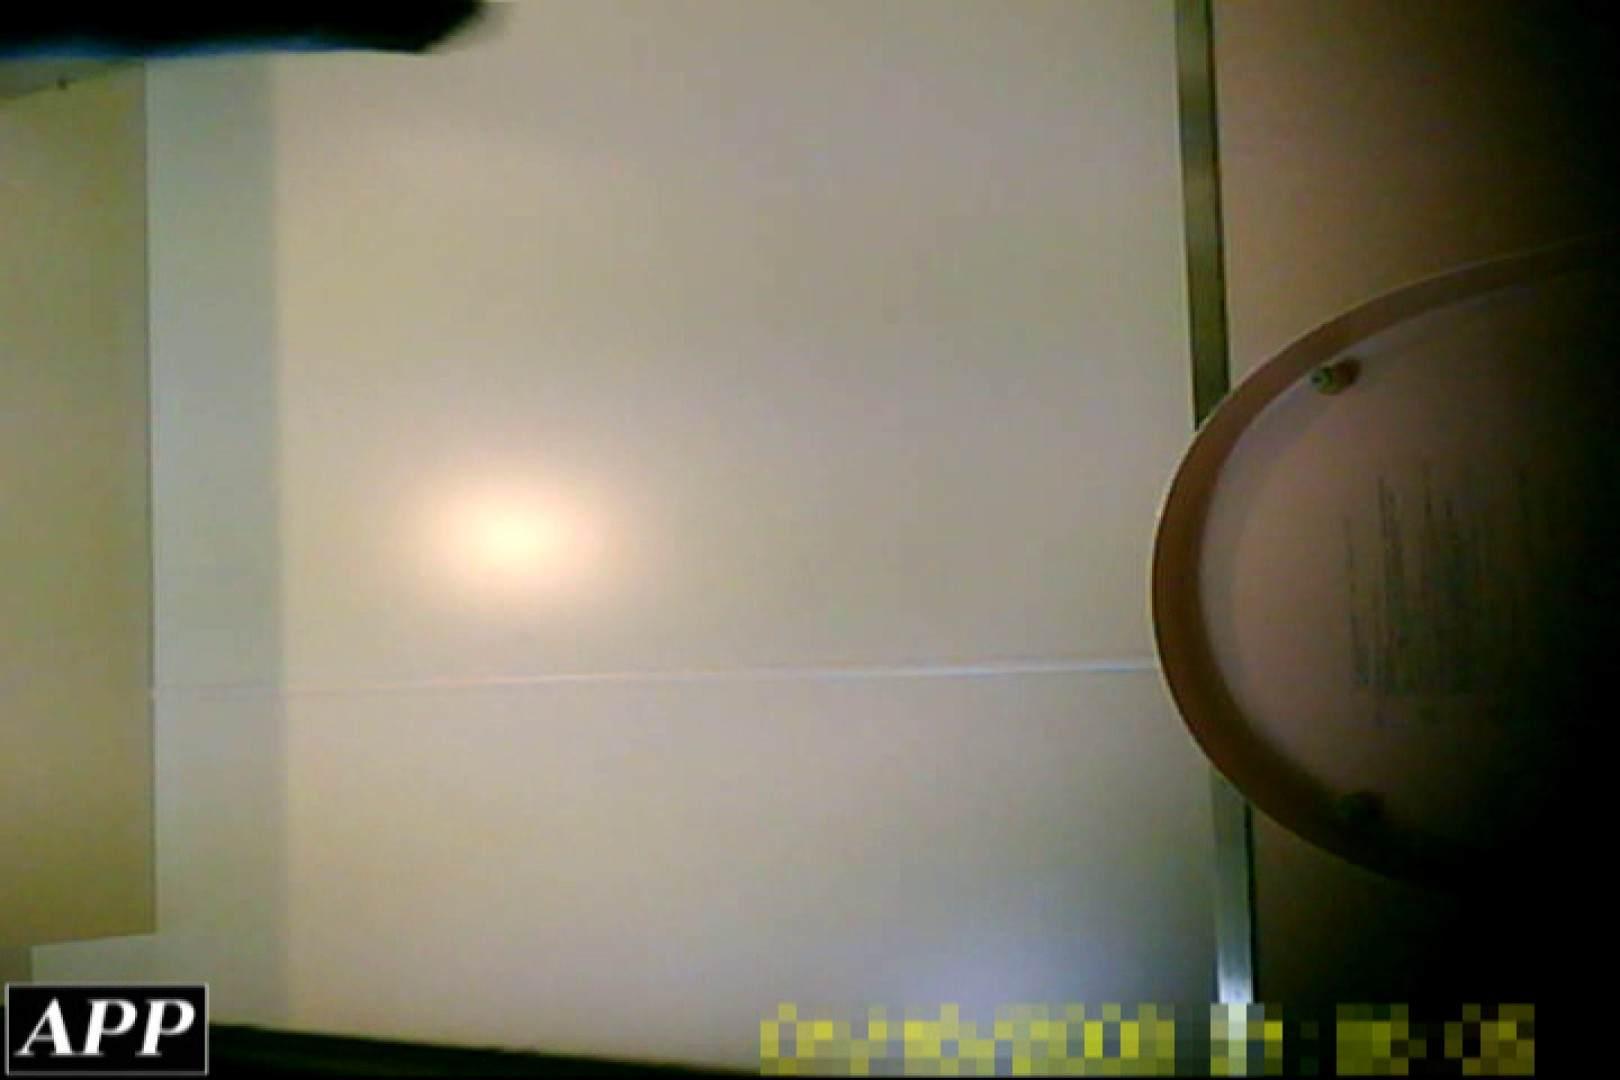 3視点洗面所 vol.009 OLヌード天国 | 洗面所  85PIX 51